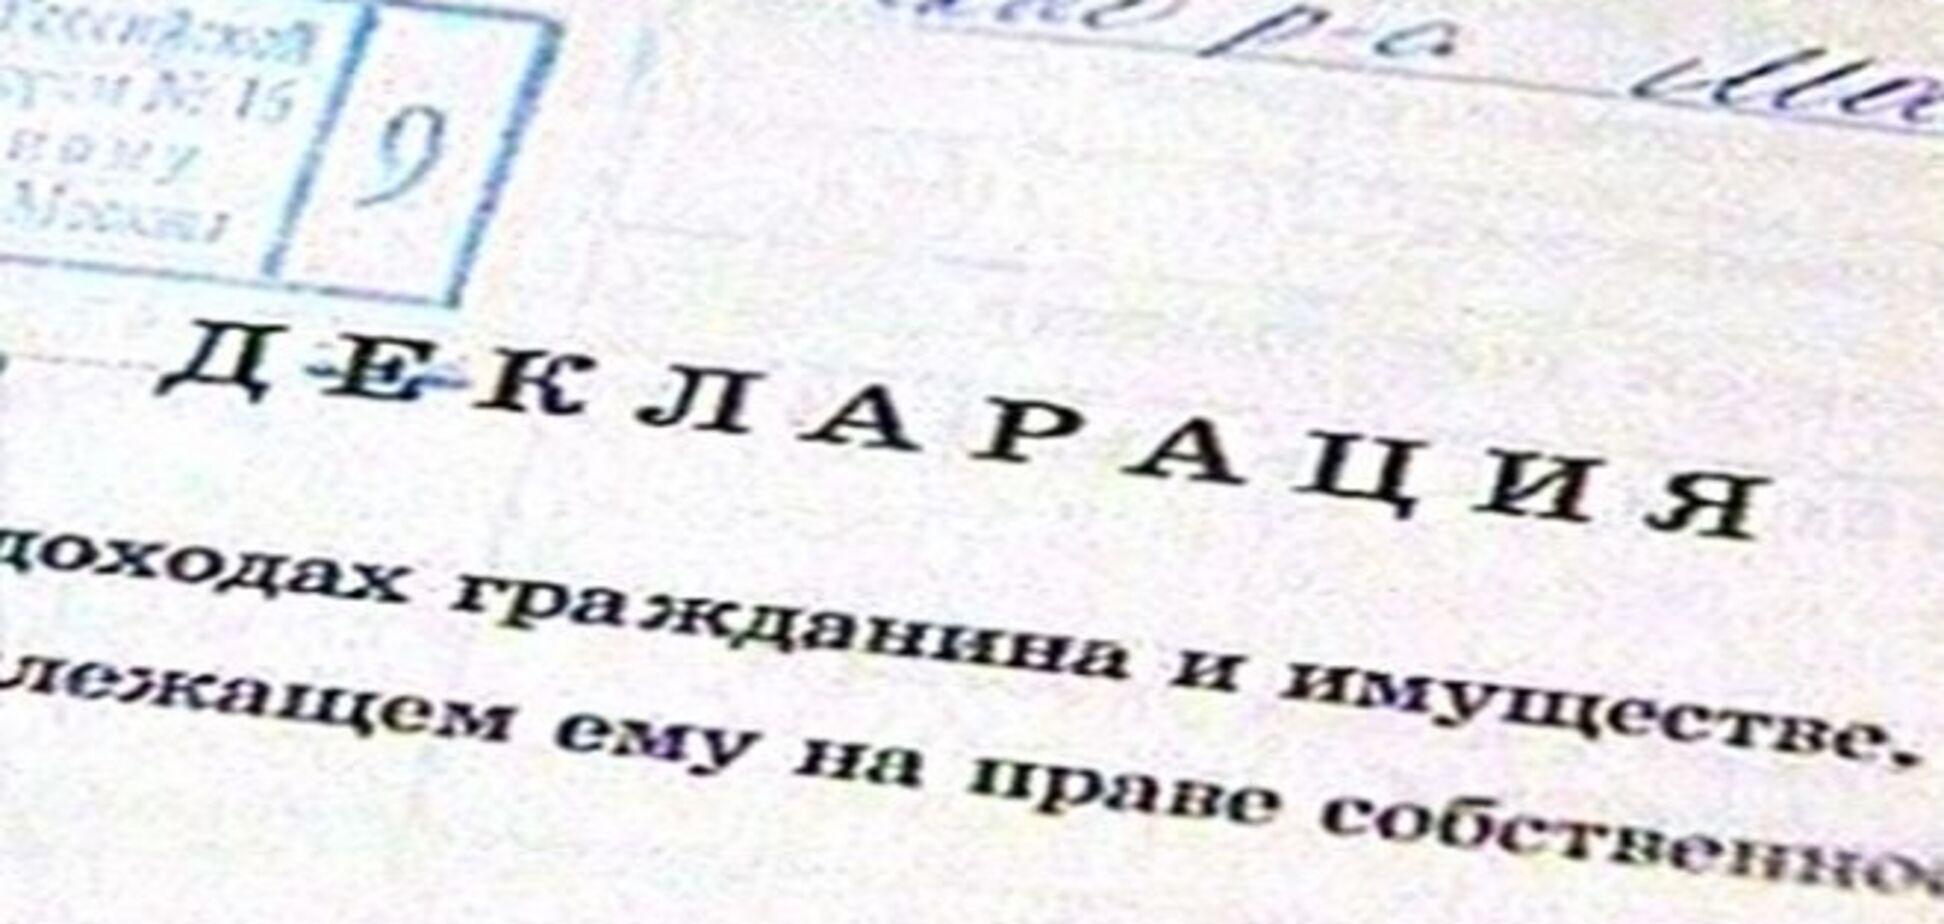 Керівник міліції два роки поспіль 'забував' внести в декларацію про доходи машини і 130 тис. грн